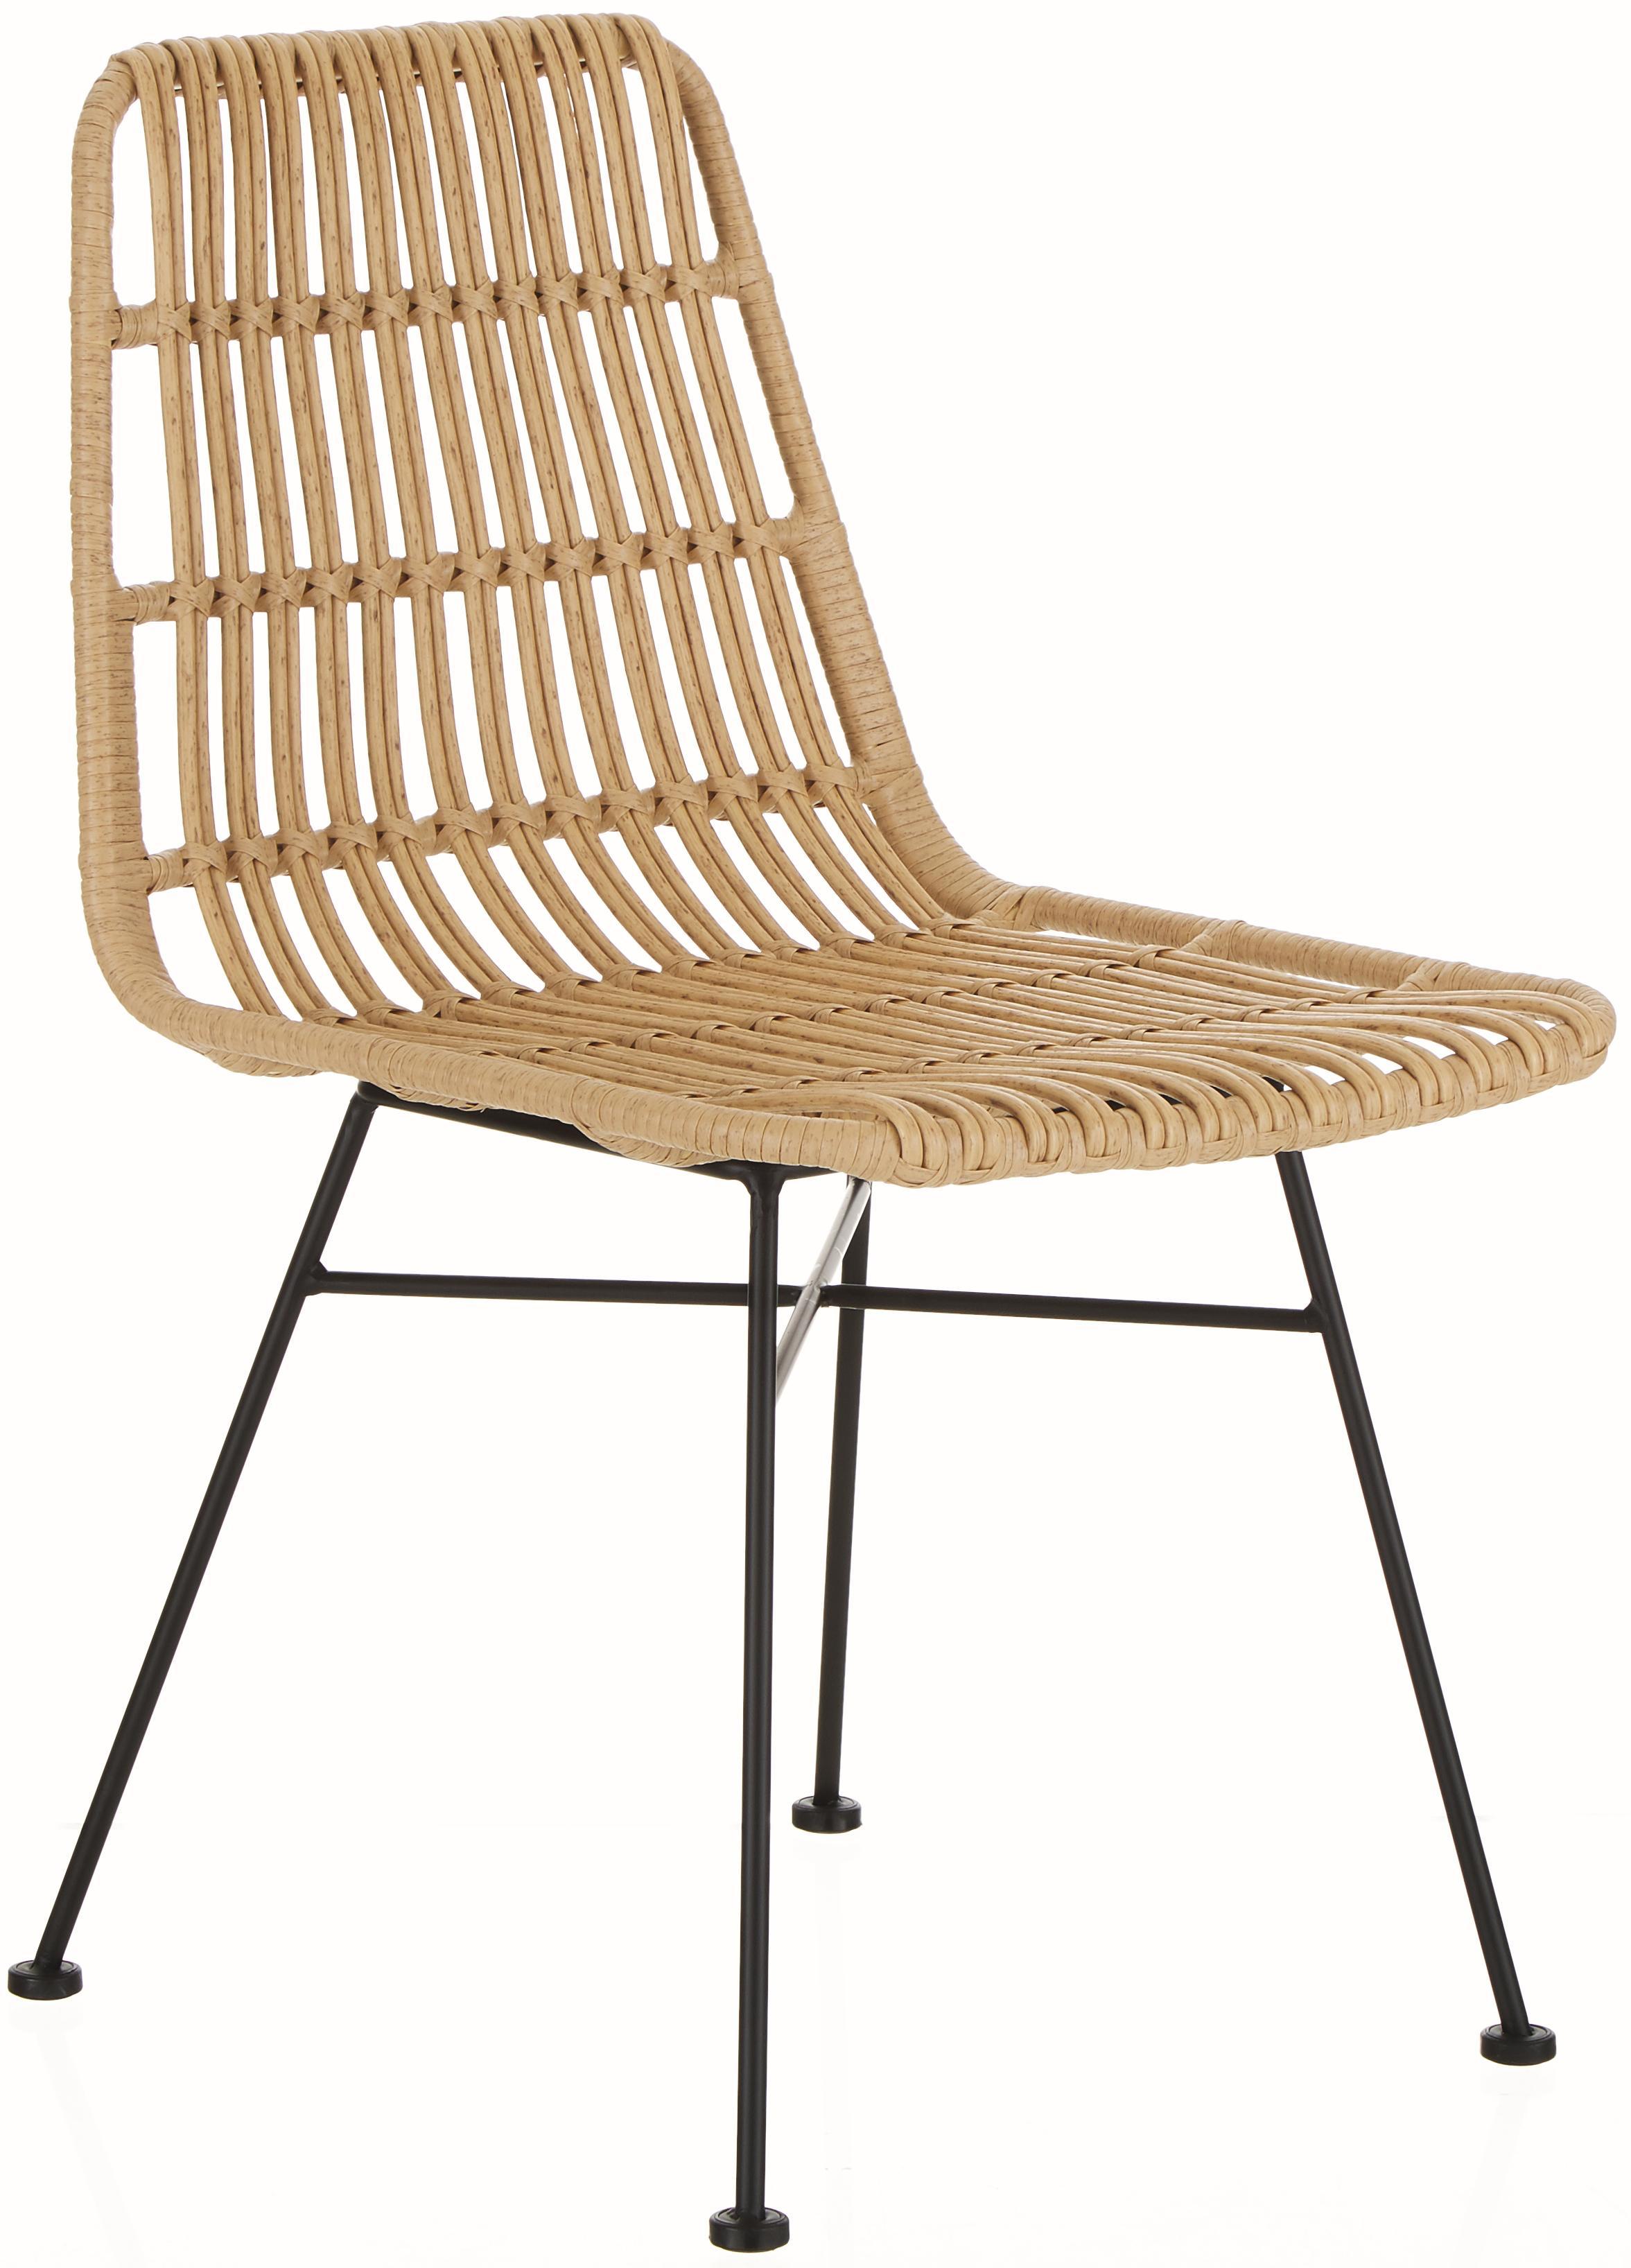 Krzesło z polirattanu Tulum, 2 szt., Stelaż: metal malowany proszkowo, Siedzisko: jasny brązowy, nakrapiany Stelaż: czarny, matowy, S 47 x G 62 cm